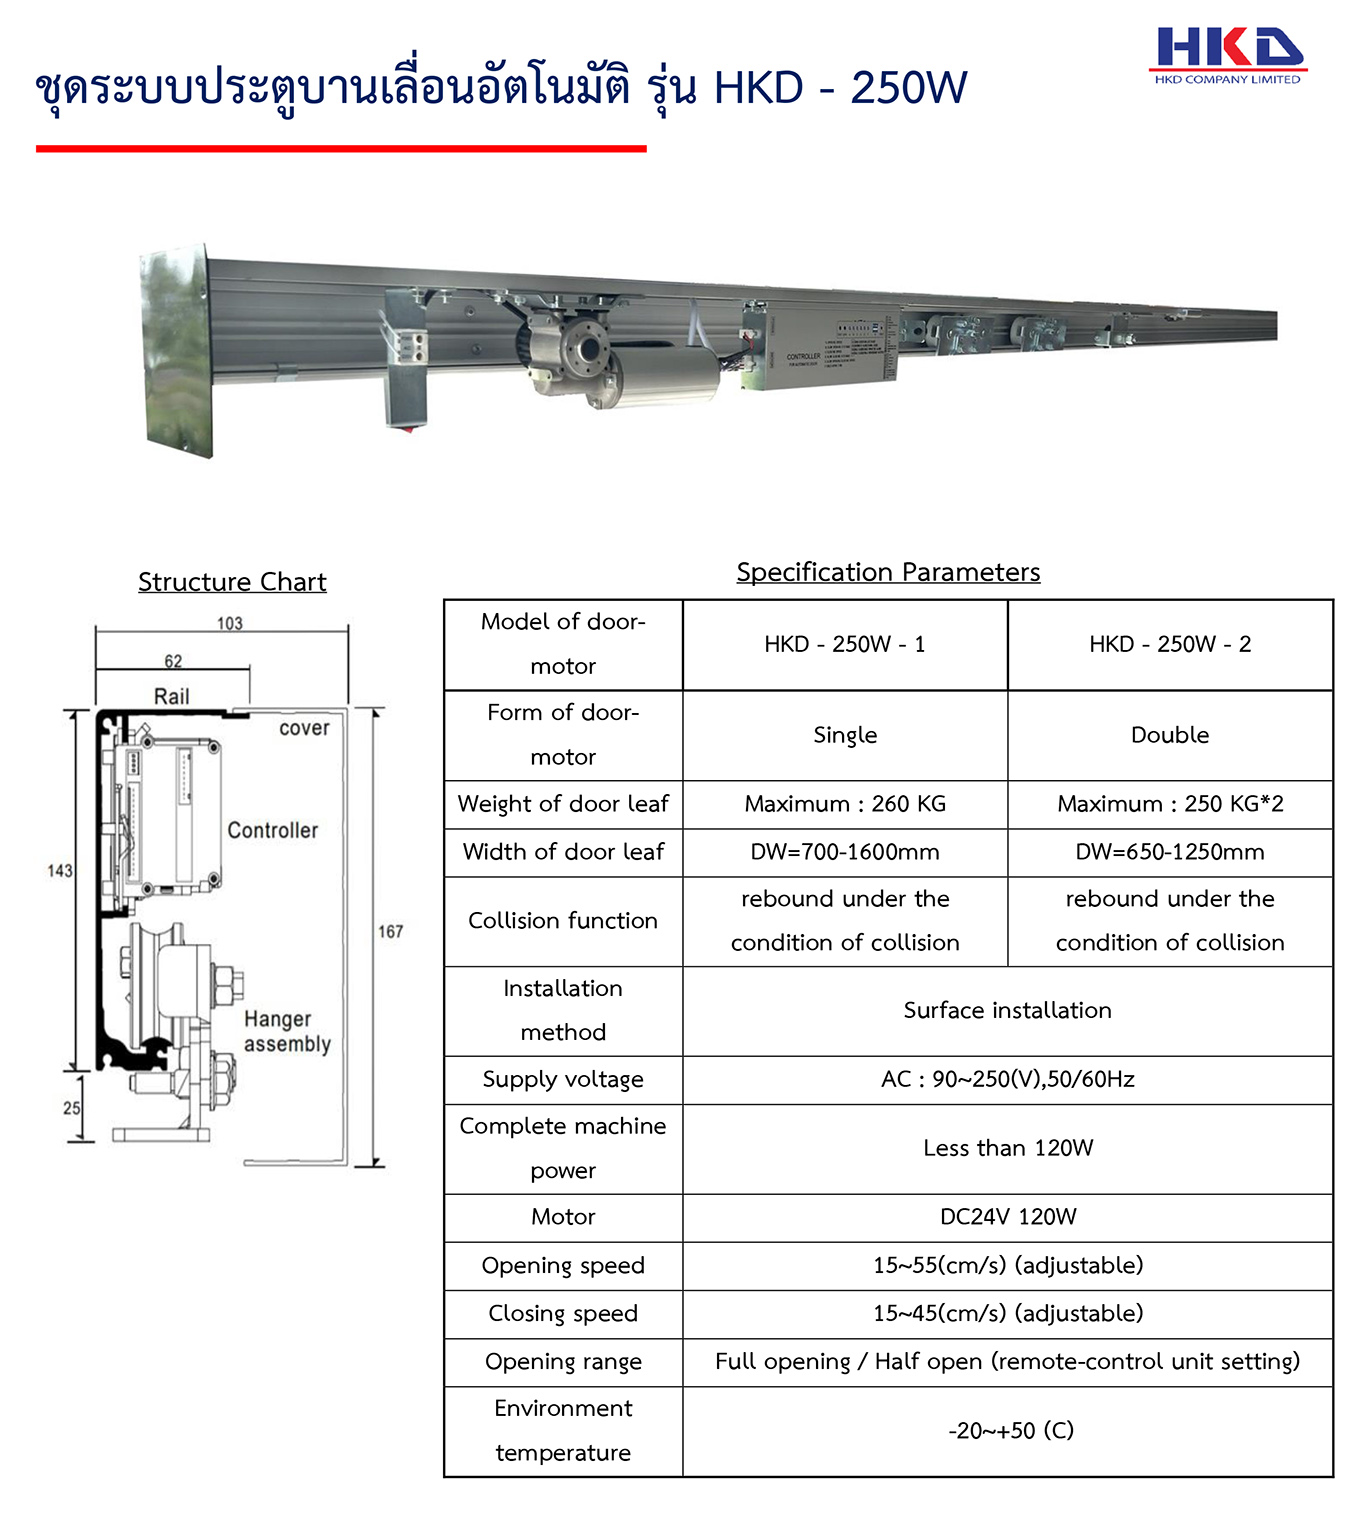 ชุดระบบประตูบานเลื่อนอัตโนมัติ HKD - 250W